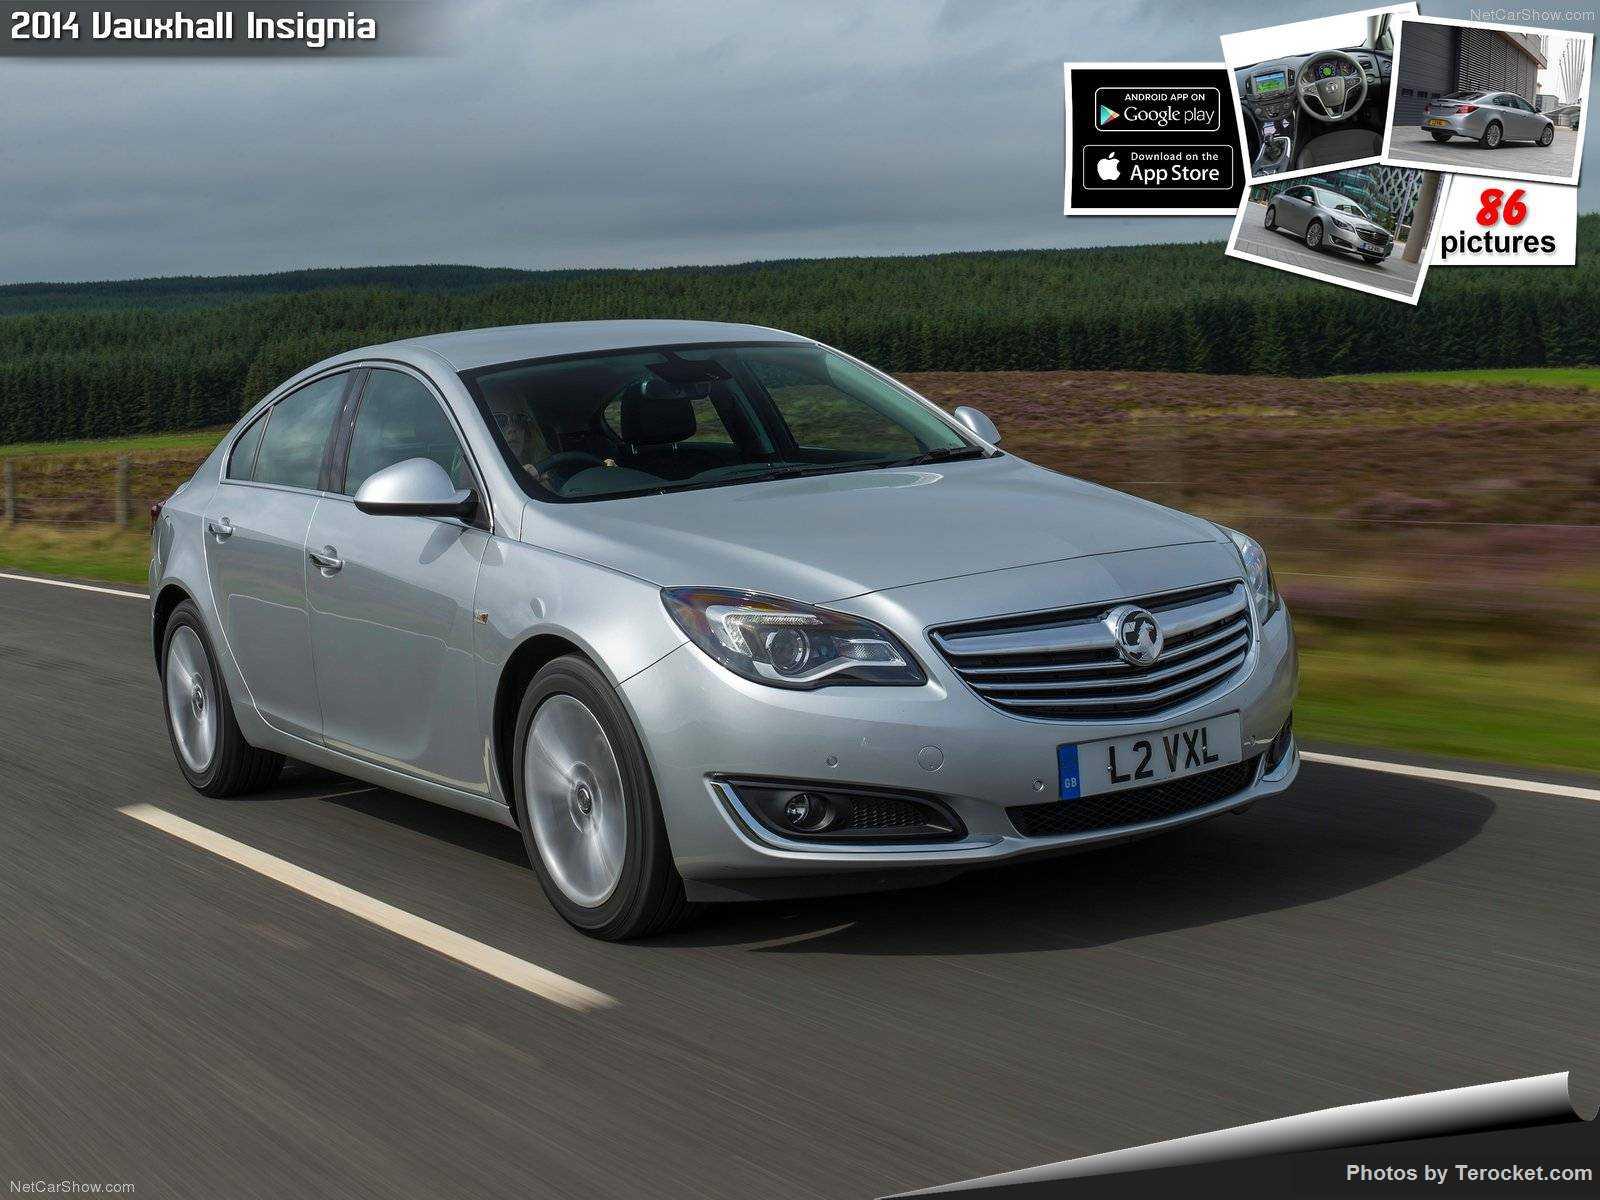 Hình ảnh xe ô tô Vauxhall Insignia 2014 & nội ngoại thất